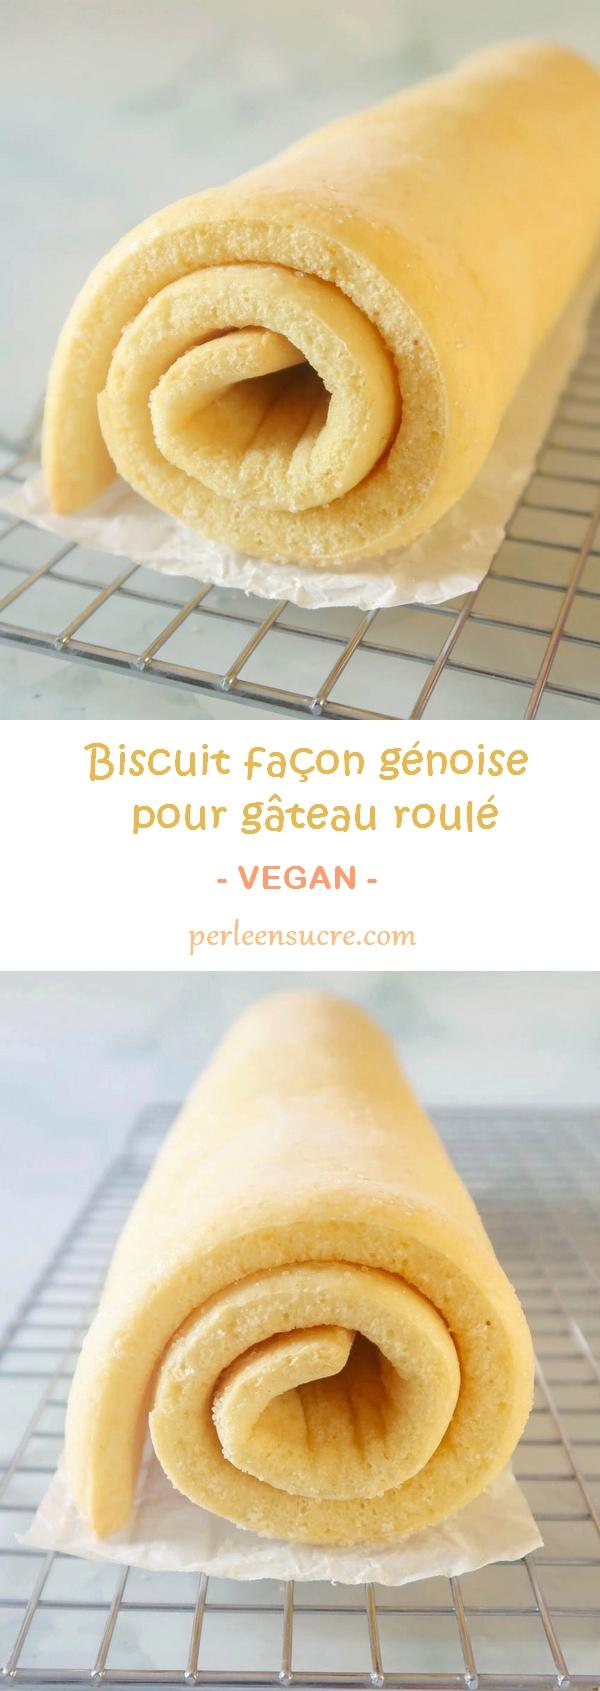 Biscuit façon génoise pour gâteau roulé sans oeufs {vegan}